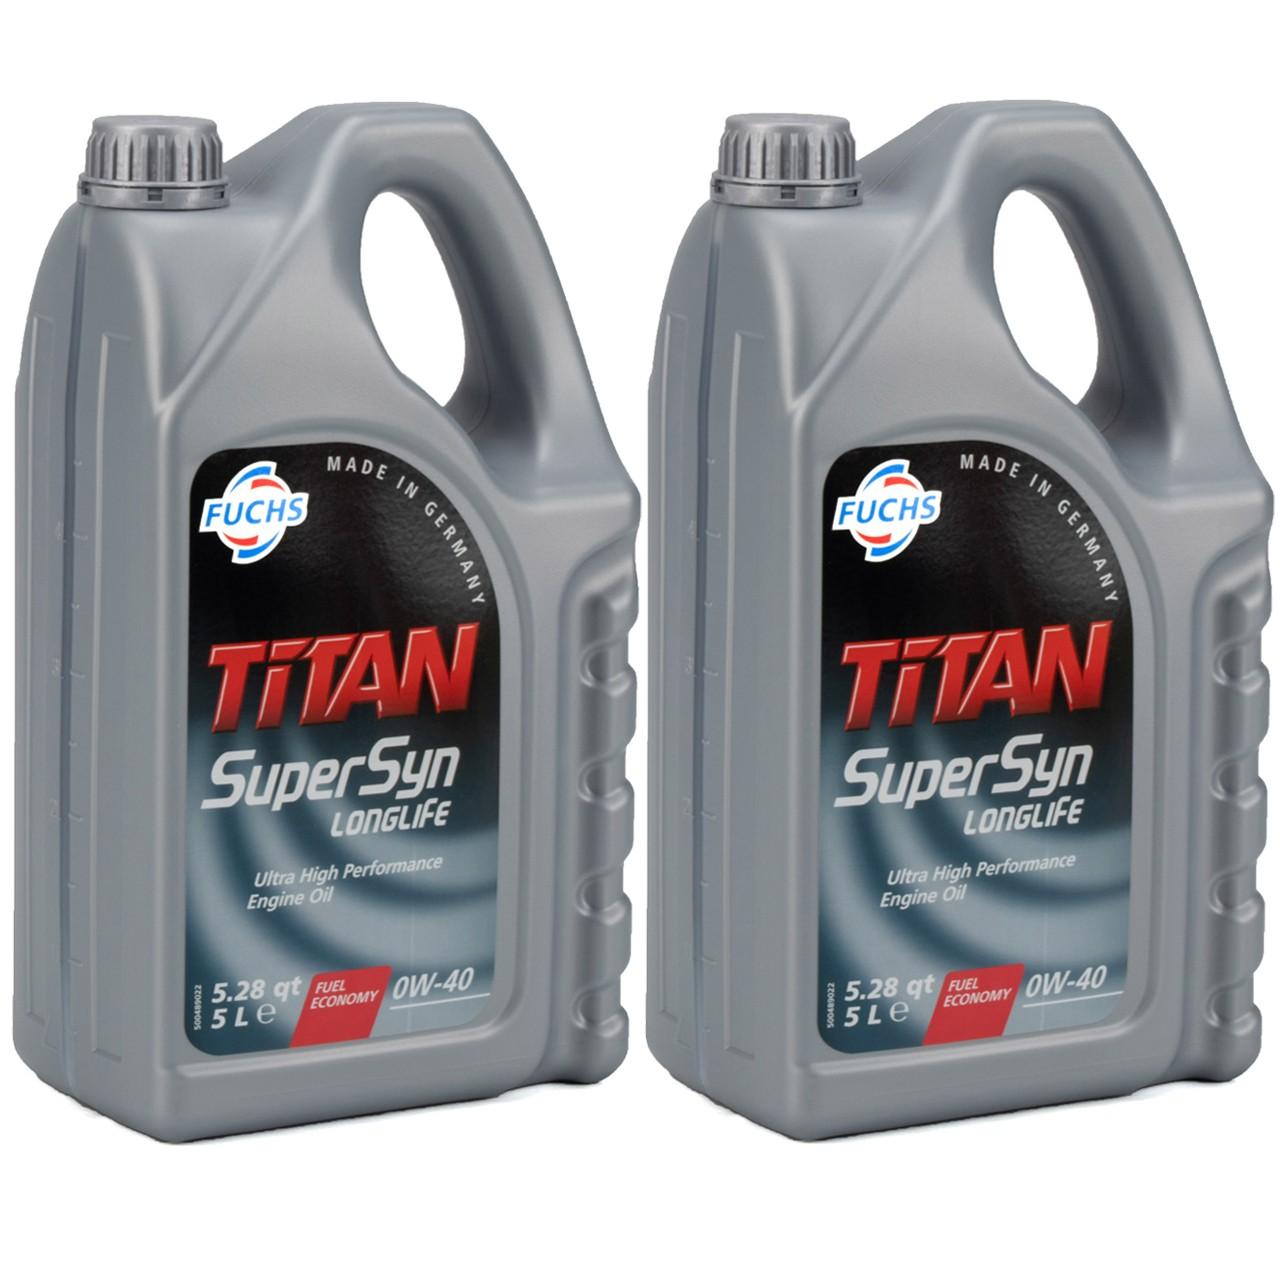 FUCHS MOTORÖL TITAN SuperSyn Longlife 0W-40 ACEA A3/B4 FORD M2C937-A 10 Liter